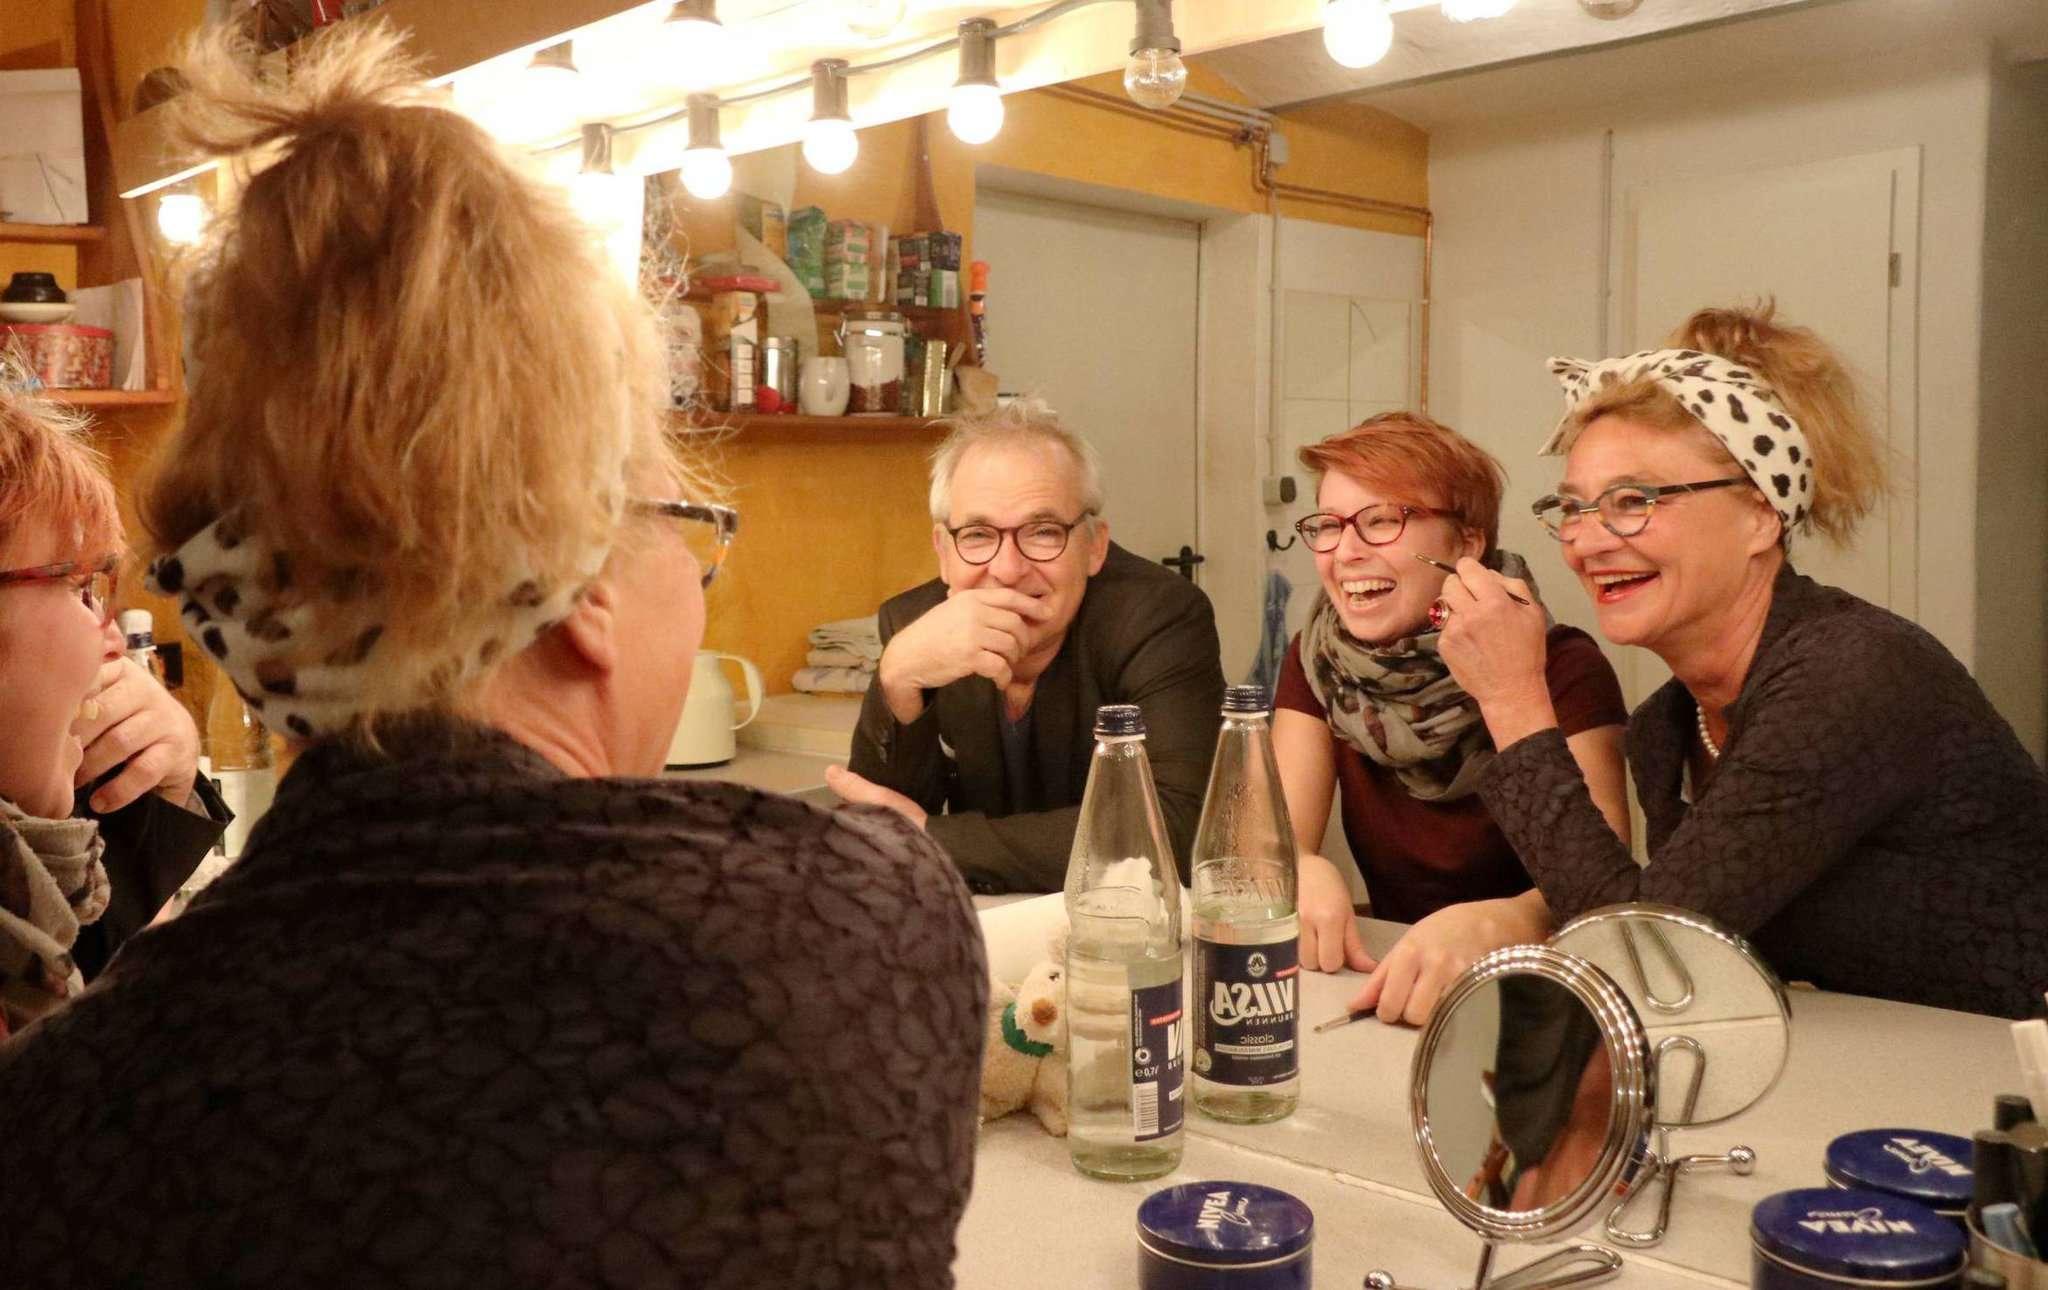 Karin Schroeder (von rechts), Tomke Heeren und Andreas Goehrt vom Theater Metronom haben im großen Jubiläumsjahr viel vor. Foto: Nina Baucke